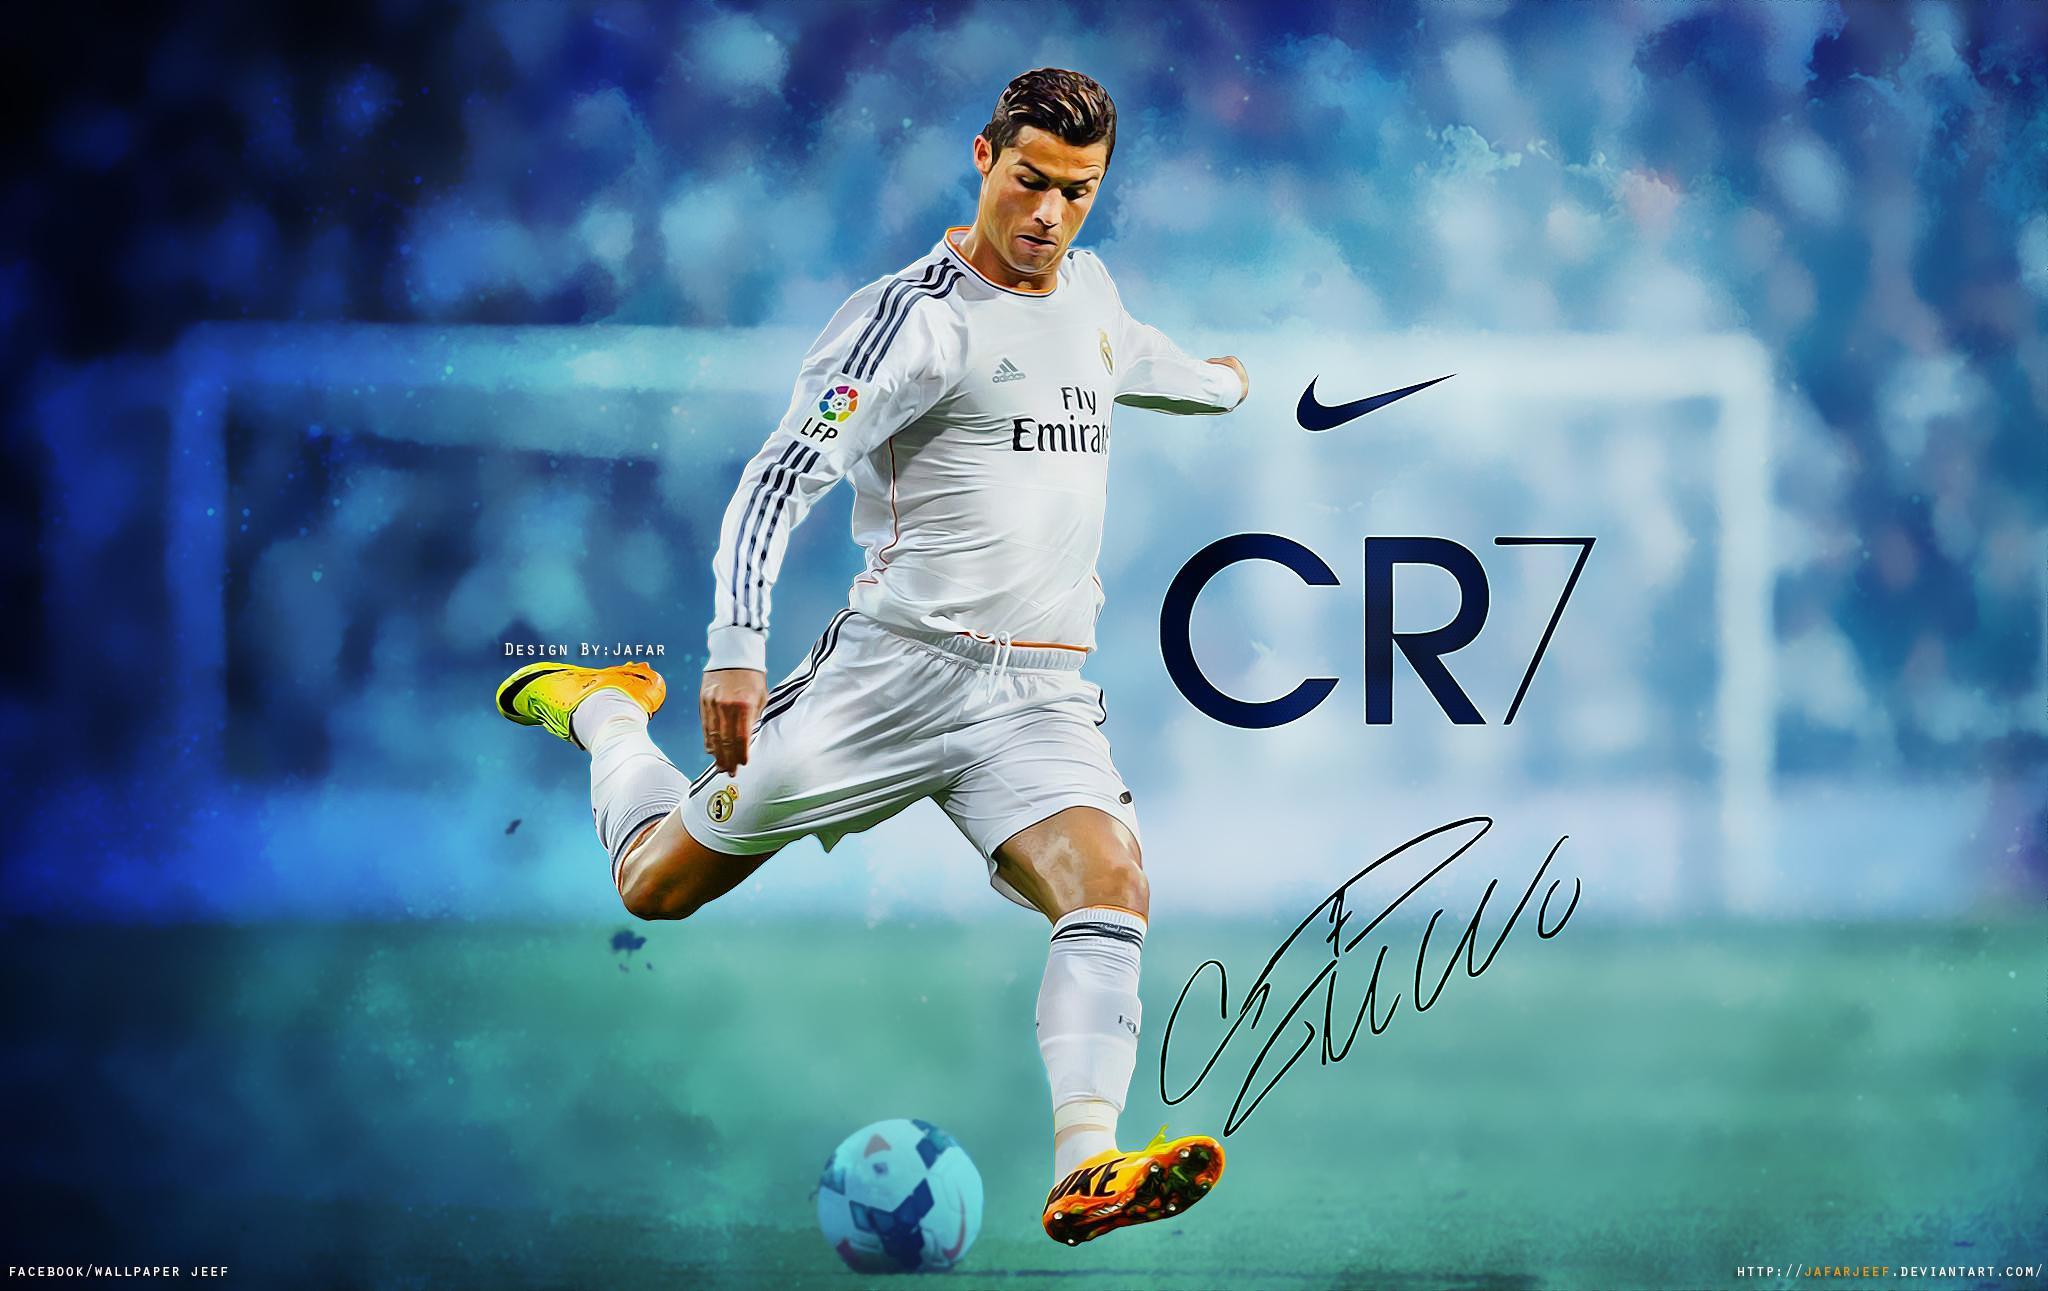 Cristiano Ronaldo wallpaper by Jafarjeef